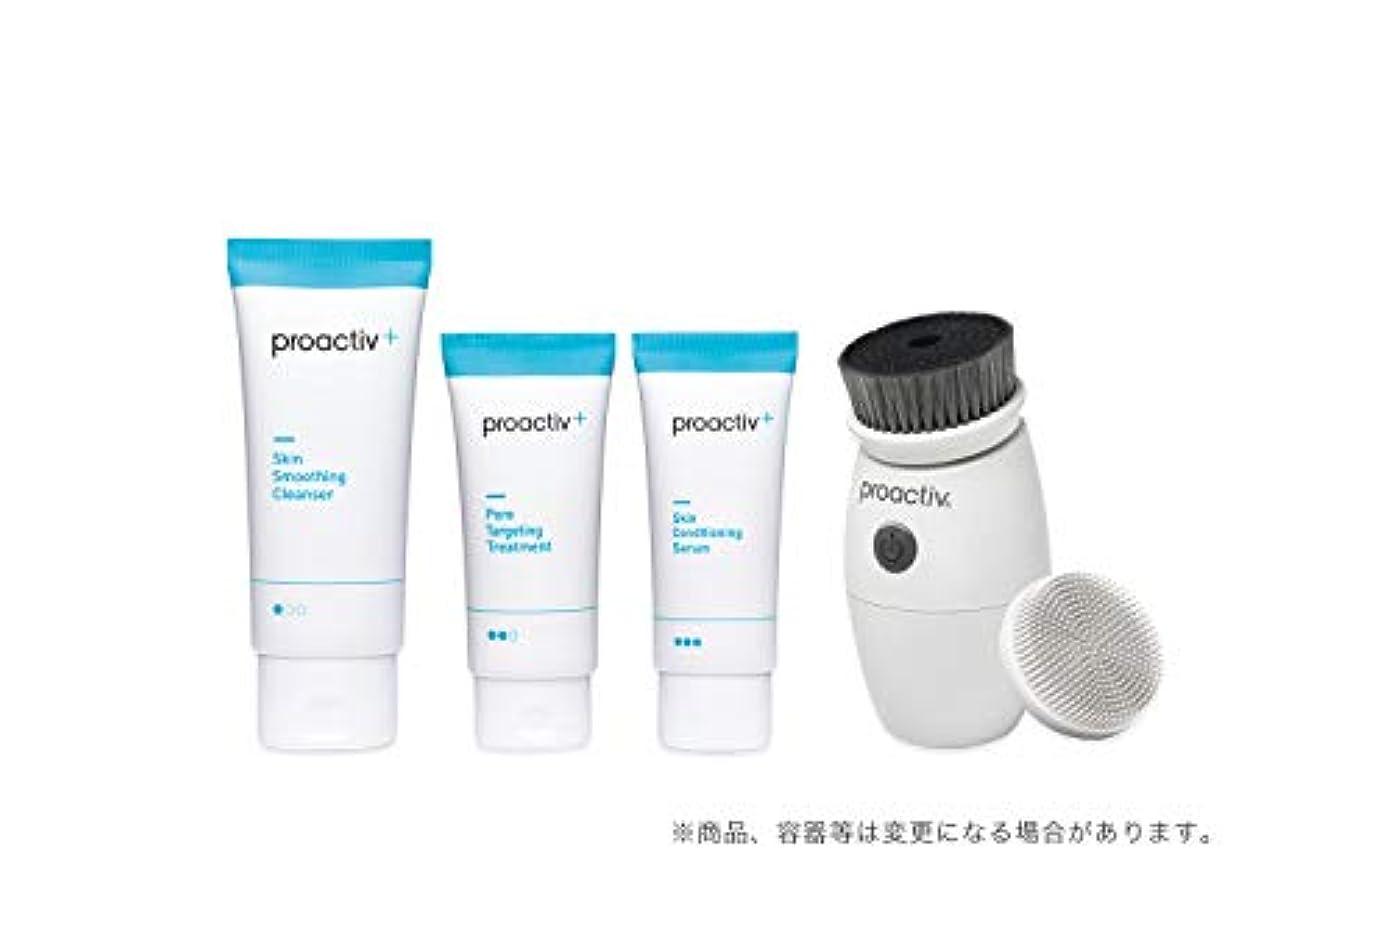 同意縞模様のフォーカスプロアクティブ+ Proactiv+ 薬用3ステップセット (30日セット) ポアクレンジング電動洗顔ブラシ(シリコンブラシ付) プレゼント 公式ガイド付